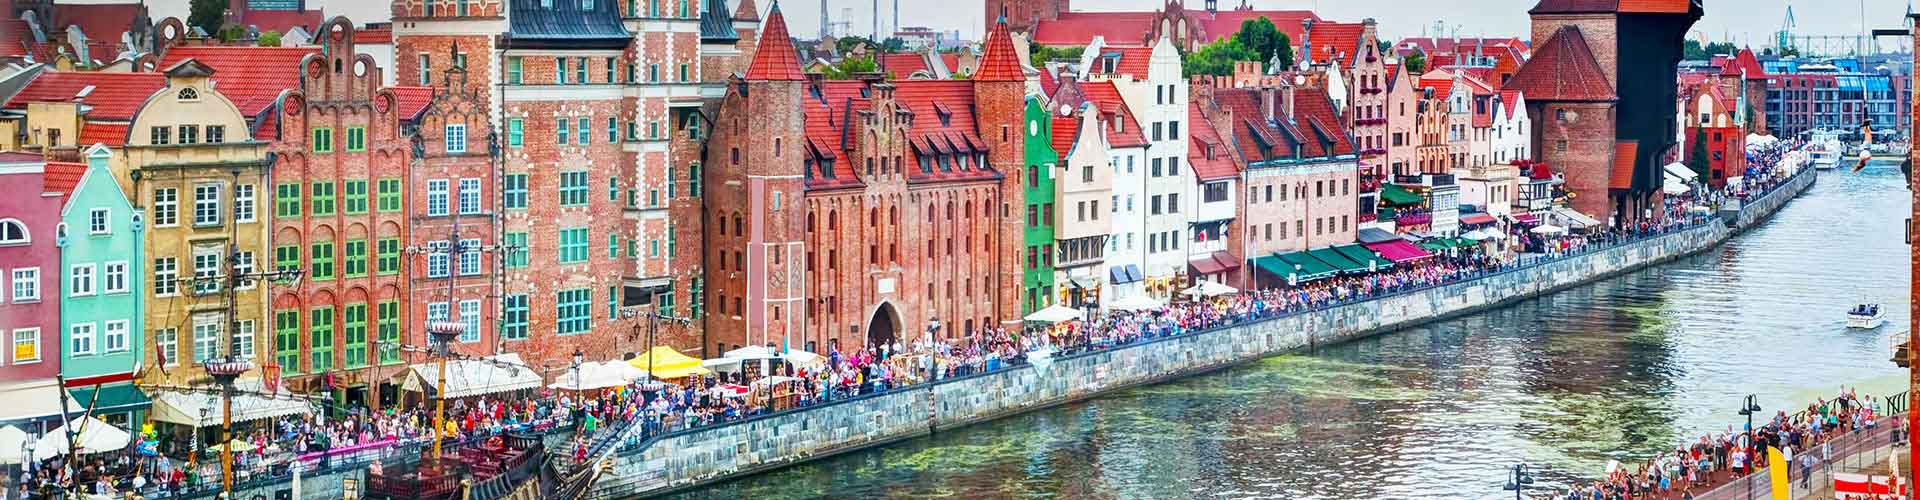 Gdansk - Appartments à Gdansk. Cartes pour Gdansk, photos et commentaires pour chaque appartement à Gdansk.